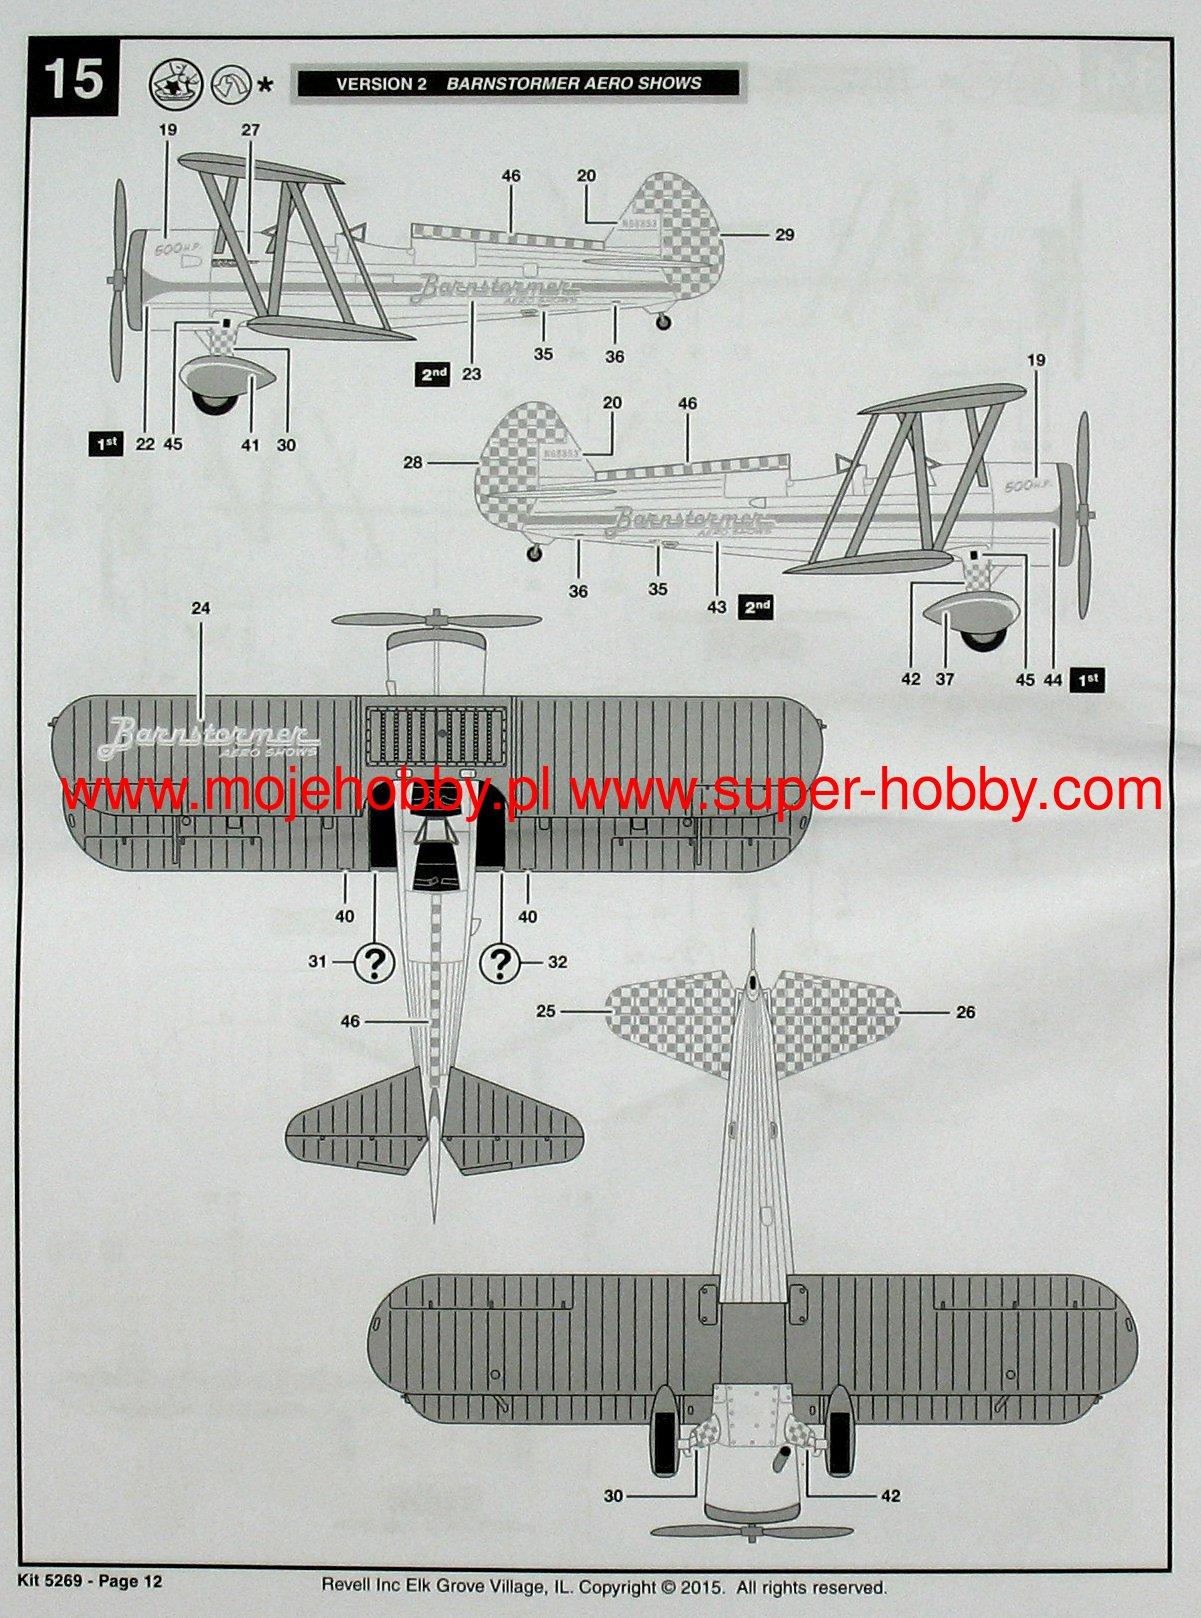 Stearman Aerobatic Biplane